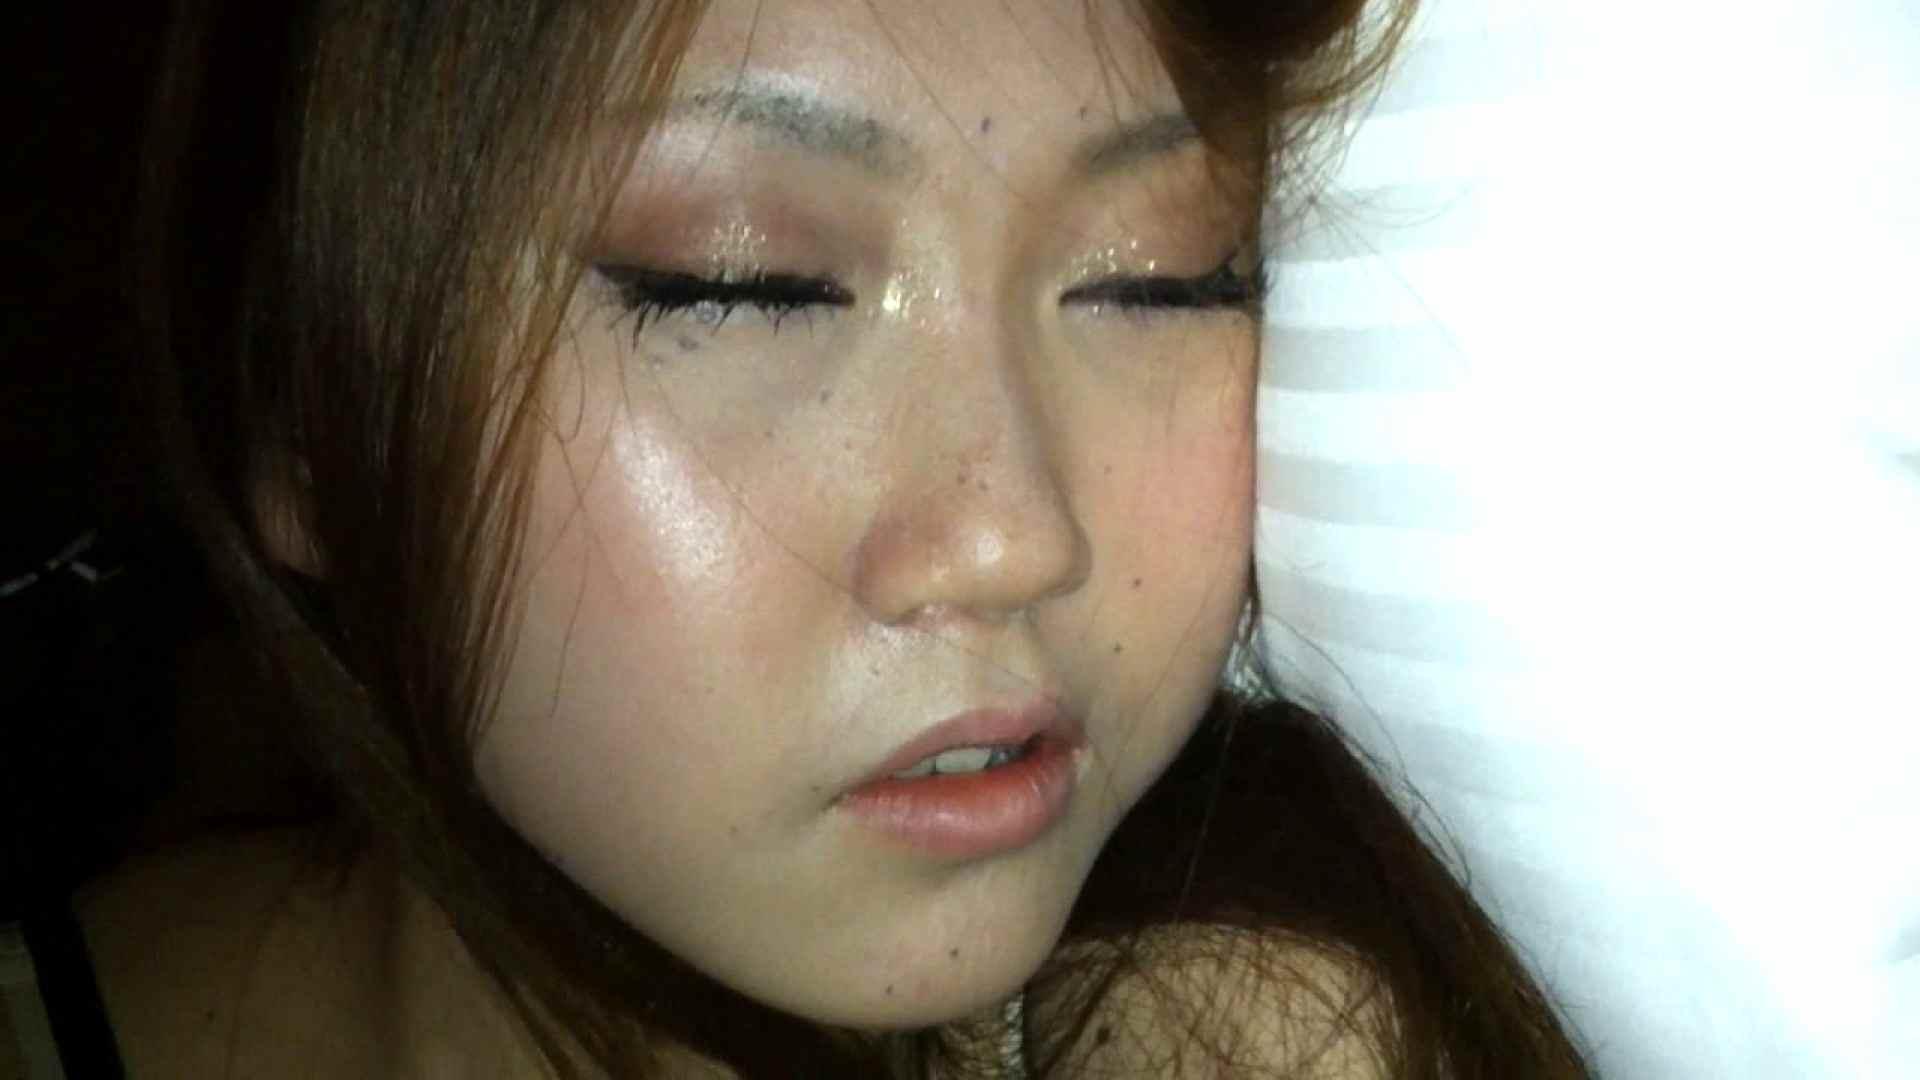 魔術師の お・も・て・な・し vol.11 19歳女子大生にホテルでイタズラ 前編 女子大生のヌード | エロティックなOL  96画像 1